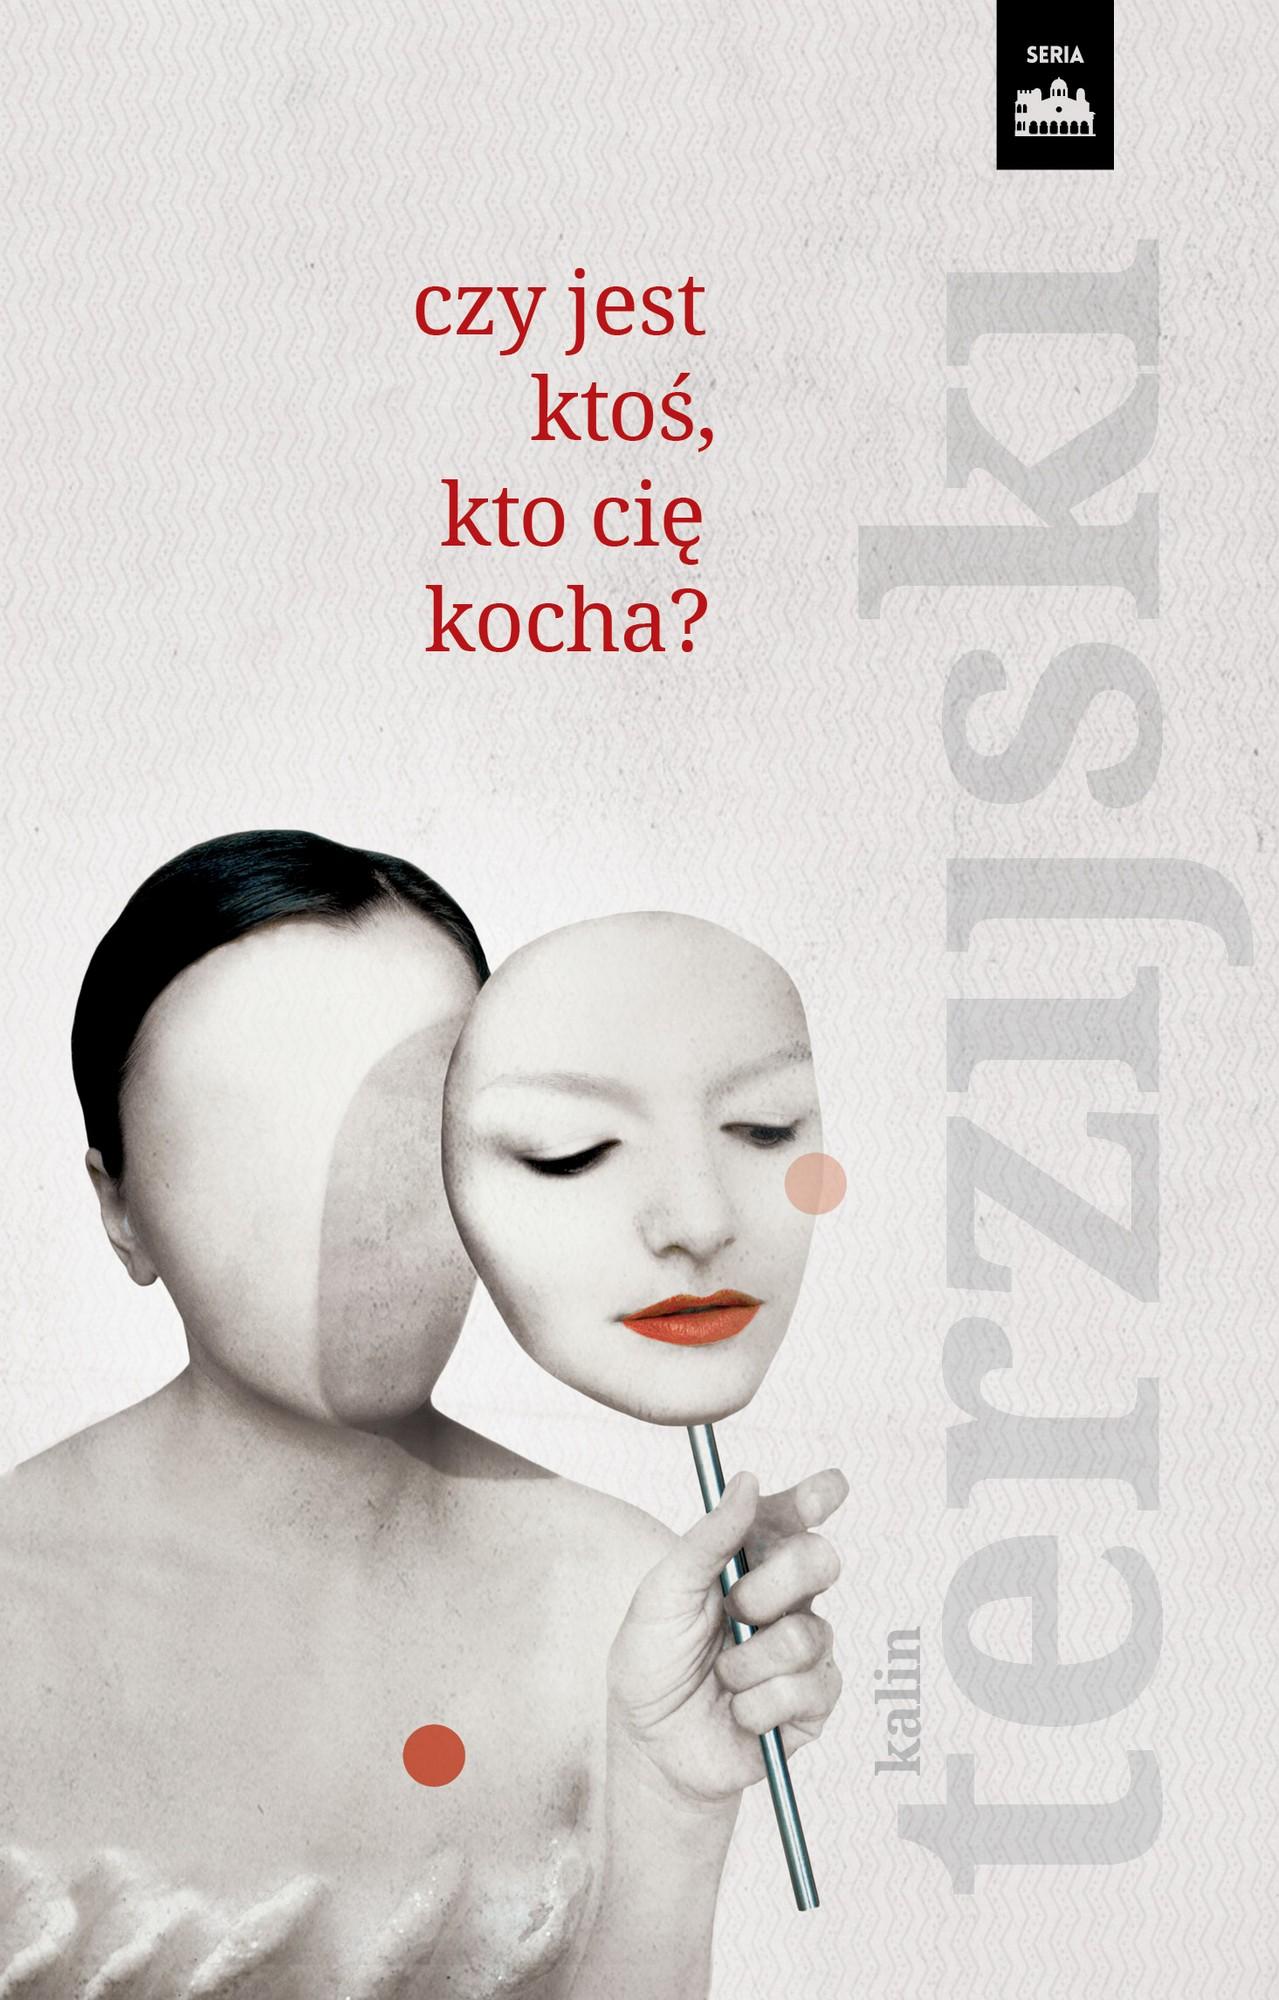 """Kalin Terzijski, """"Czy jest ktoś, kto cię kocha?"""" – okładka (źródło: materiały prasowe wydawcy)"""